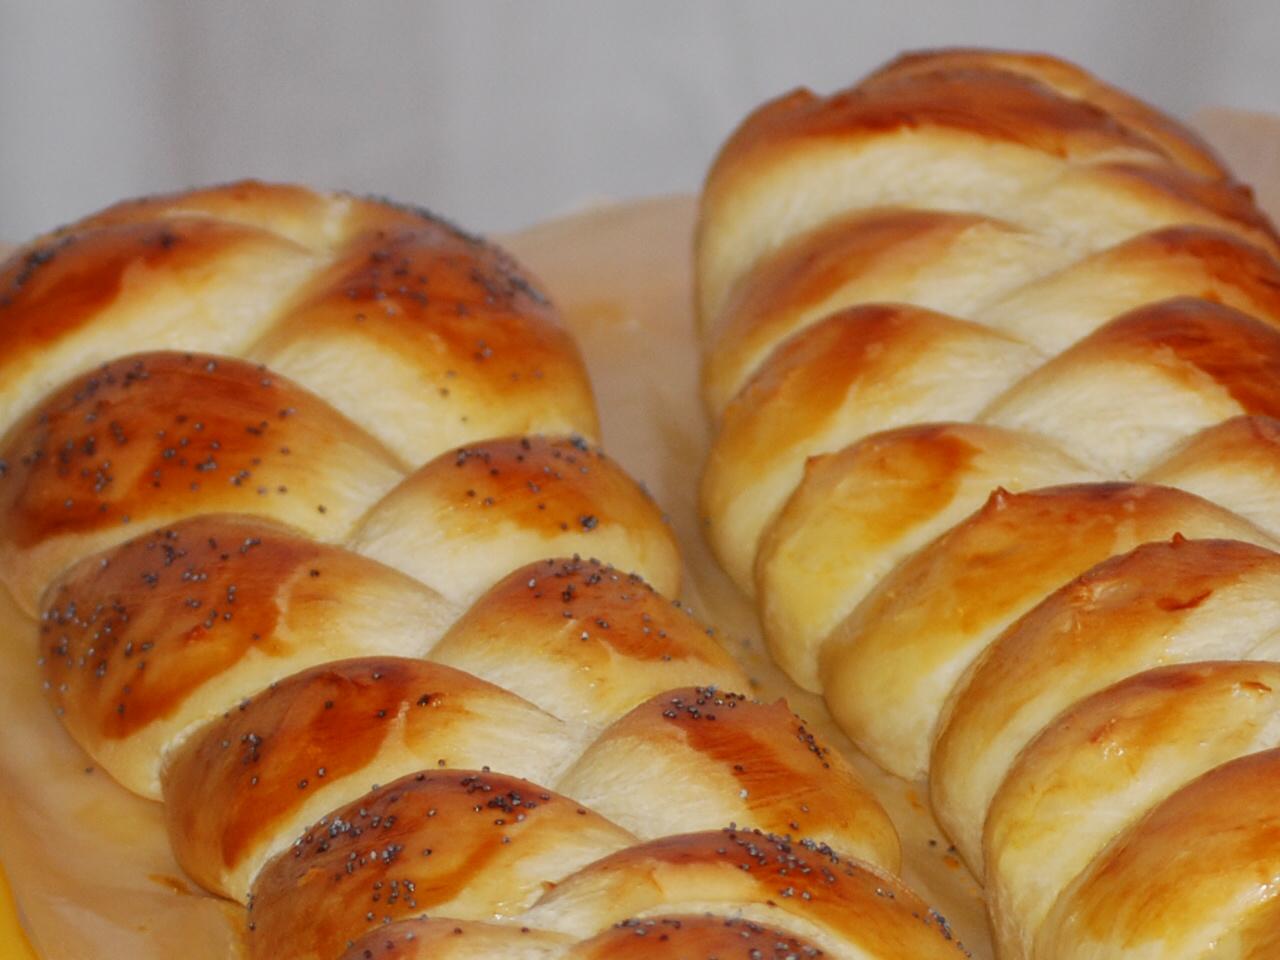 Challah bread  |  © Edgar Zuniga Jr./Flickr